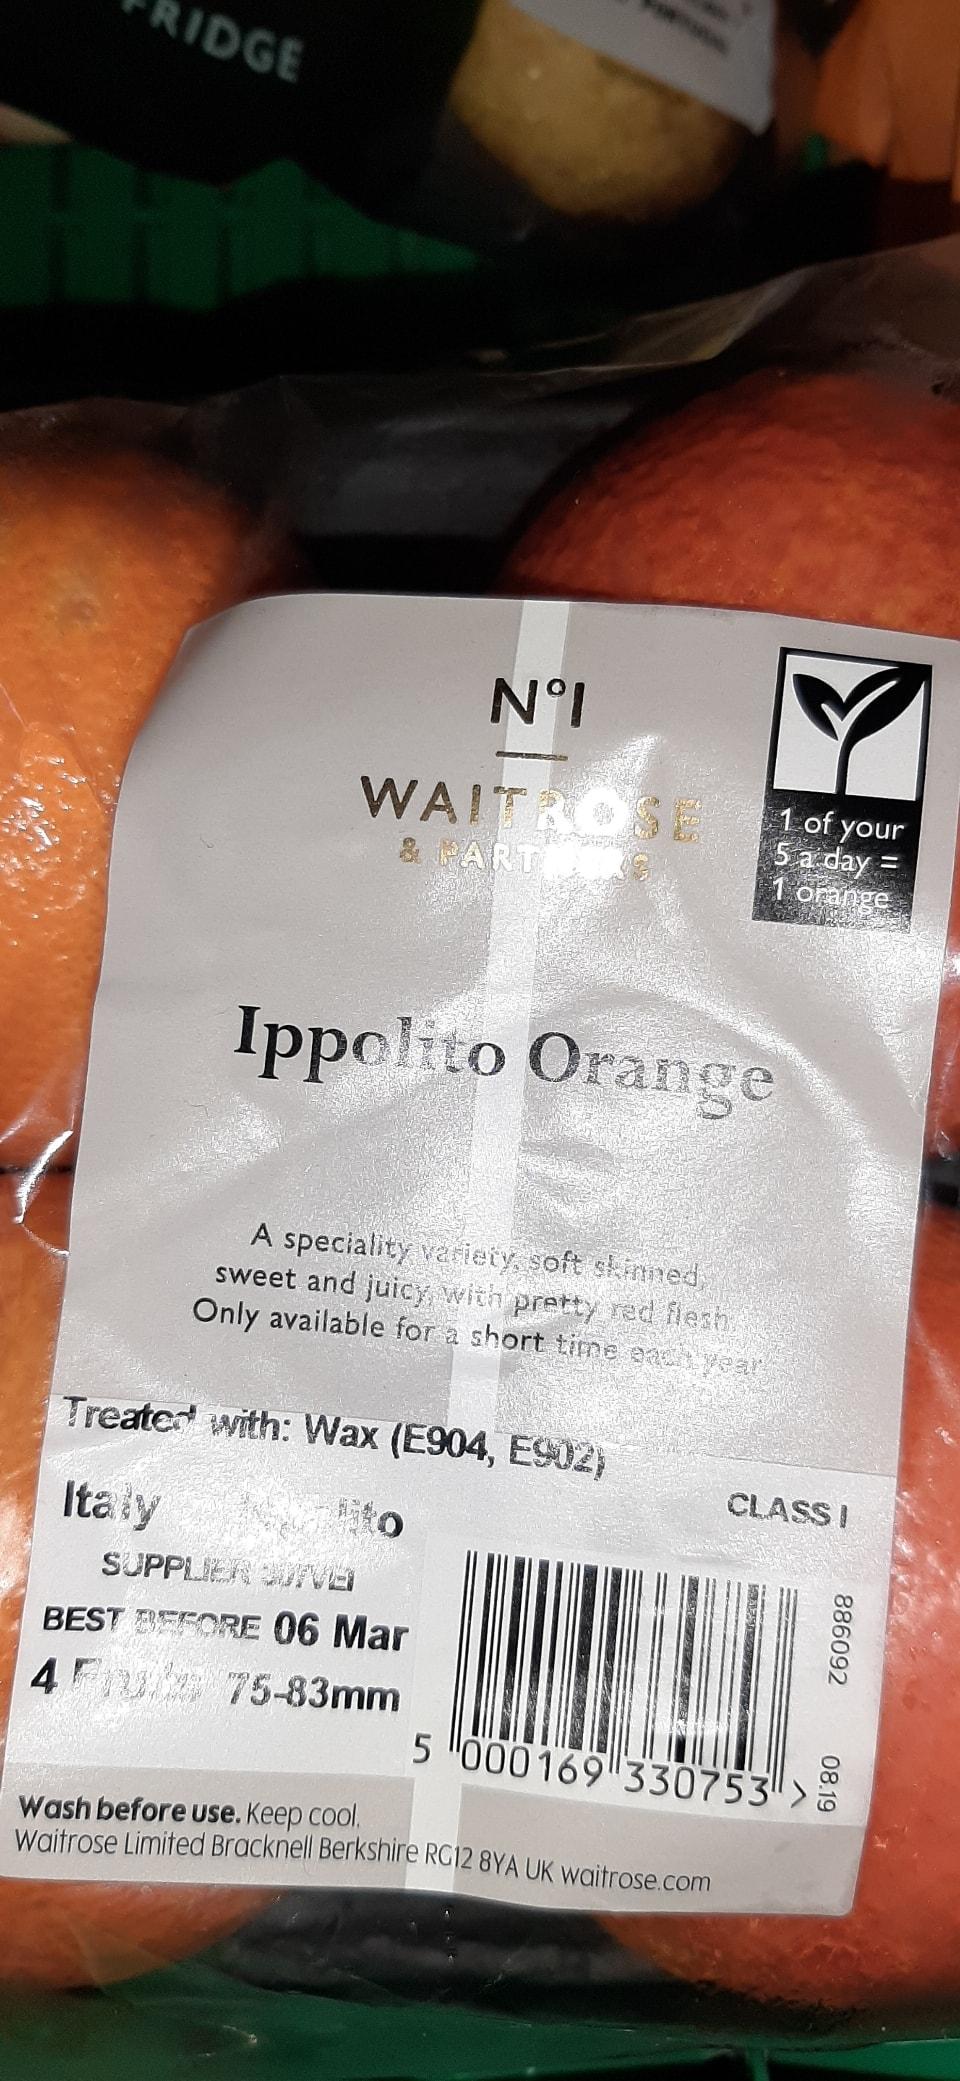 Ippolito oranges